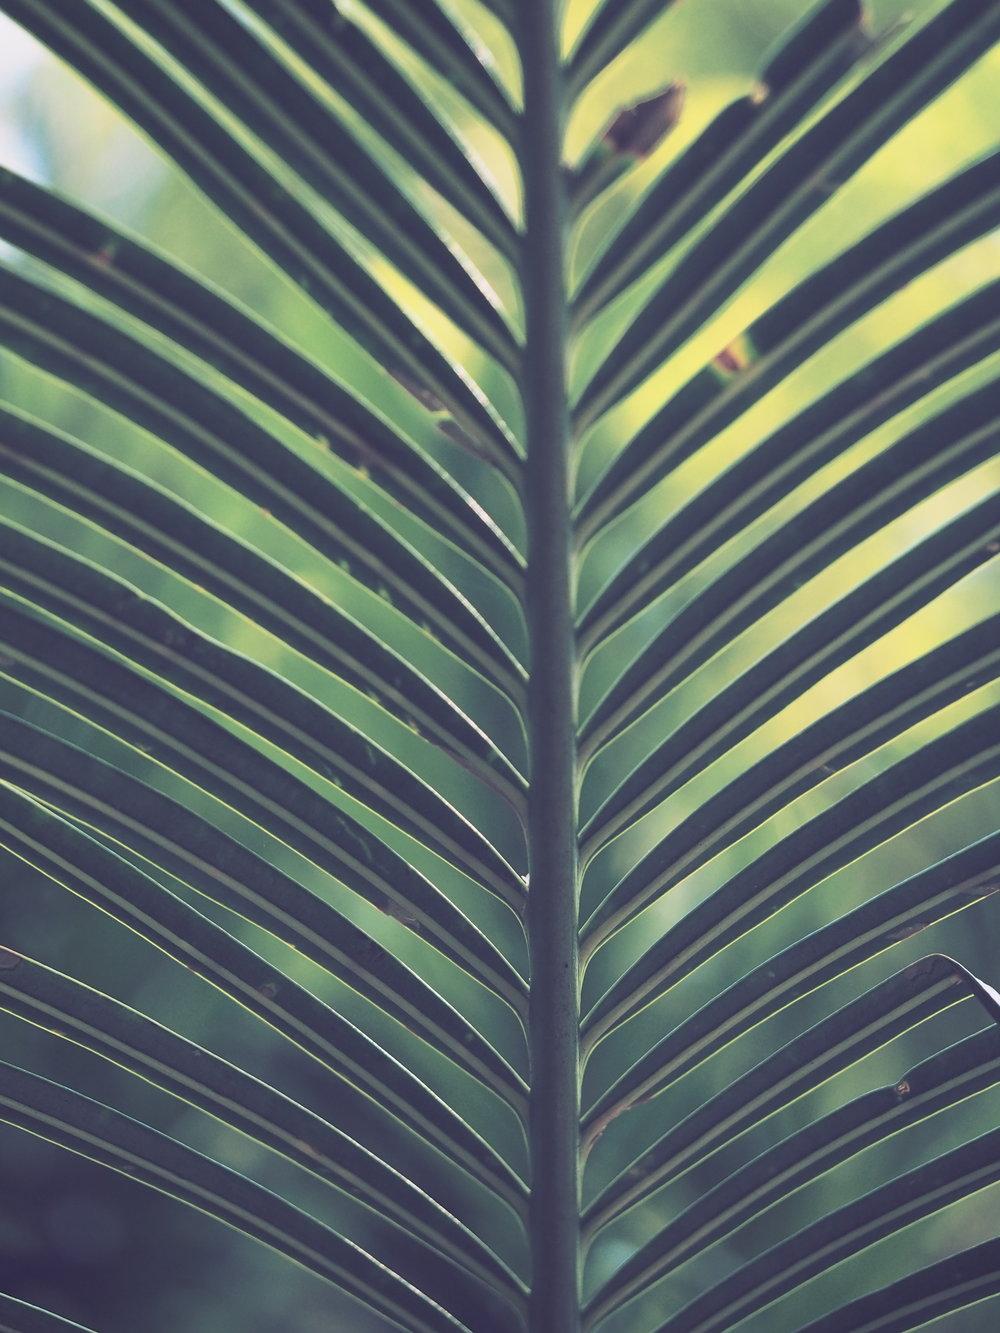 Palm Sunday - Sunday March 25, 2018